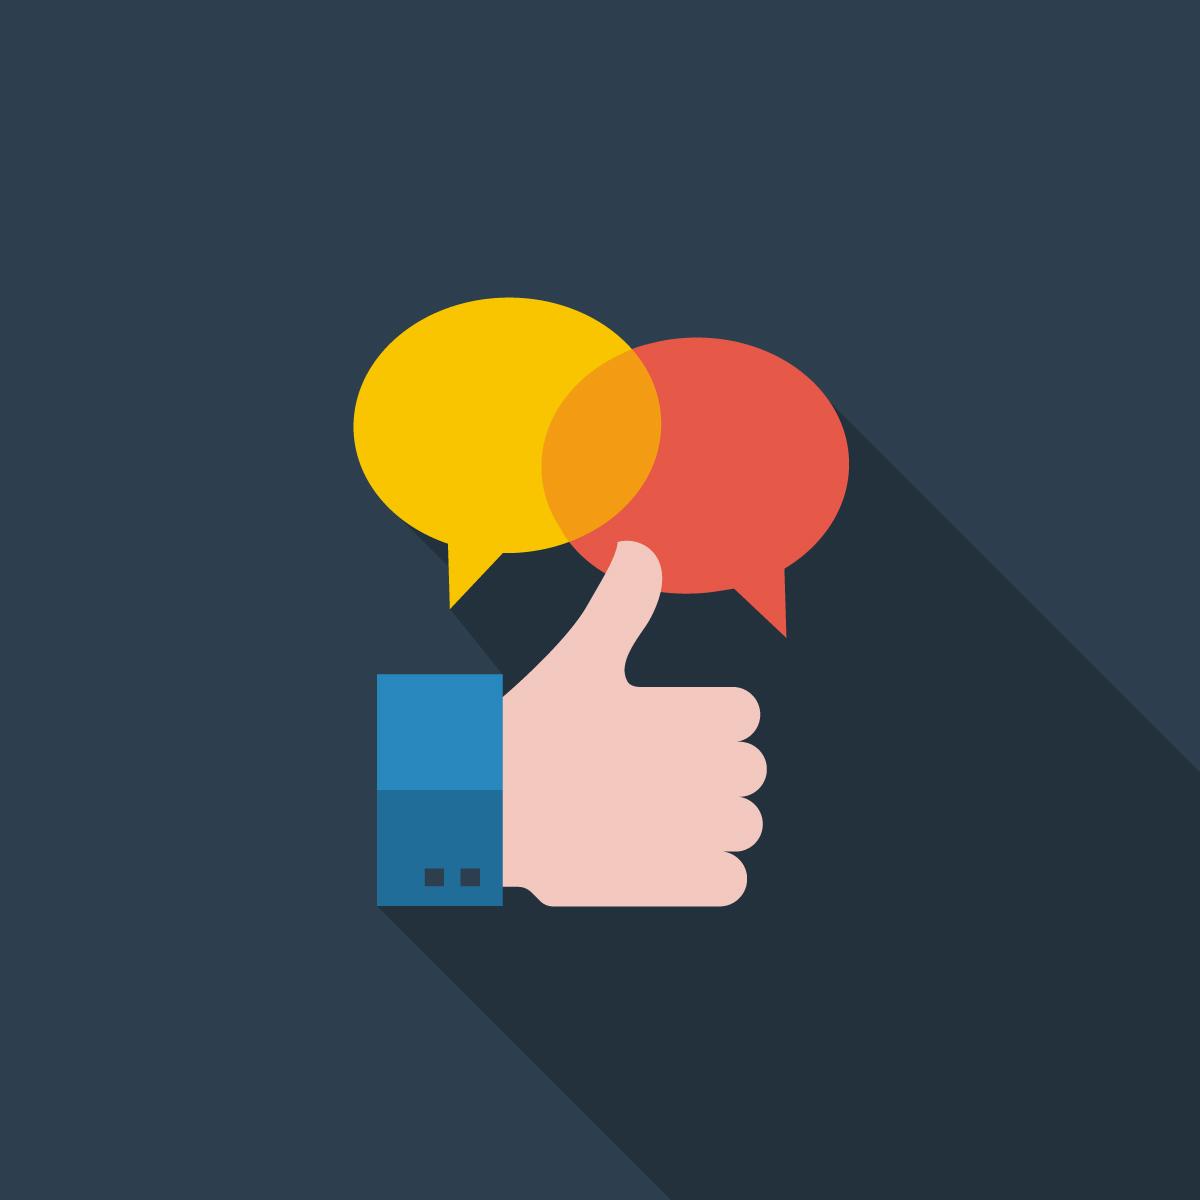 چه کار کنیم تا مشتری ما را به دیگران معرفی کند؟